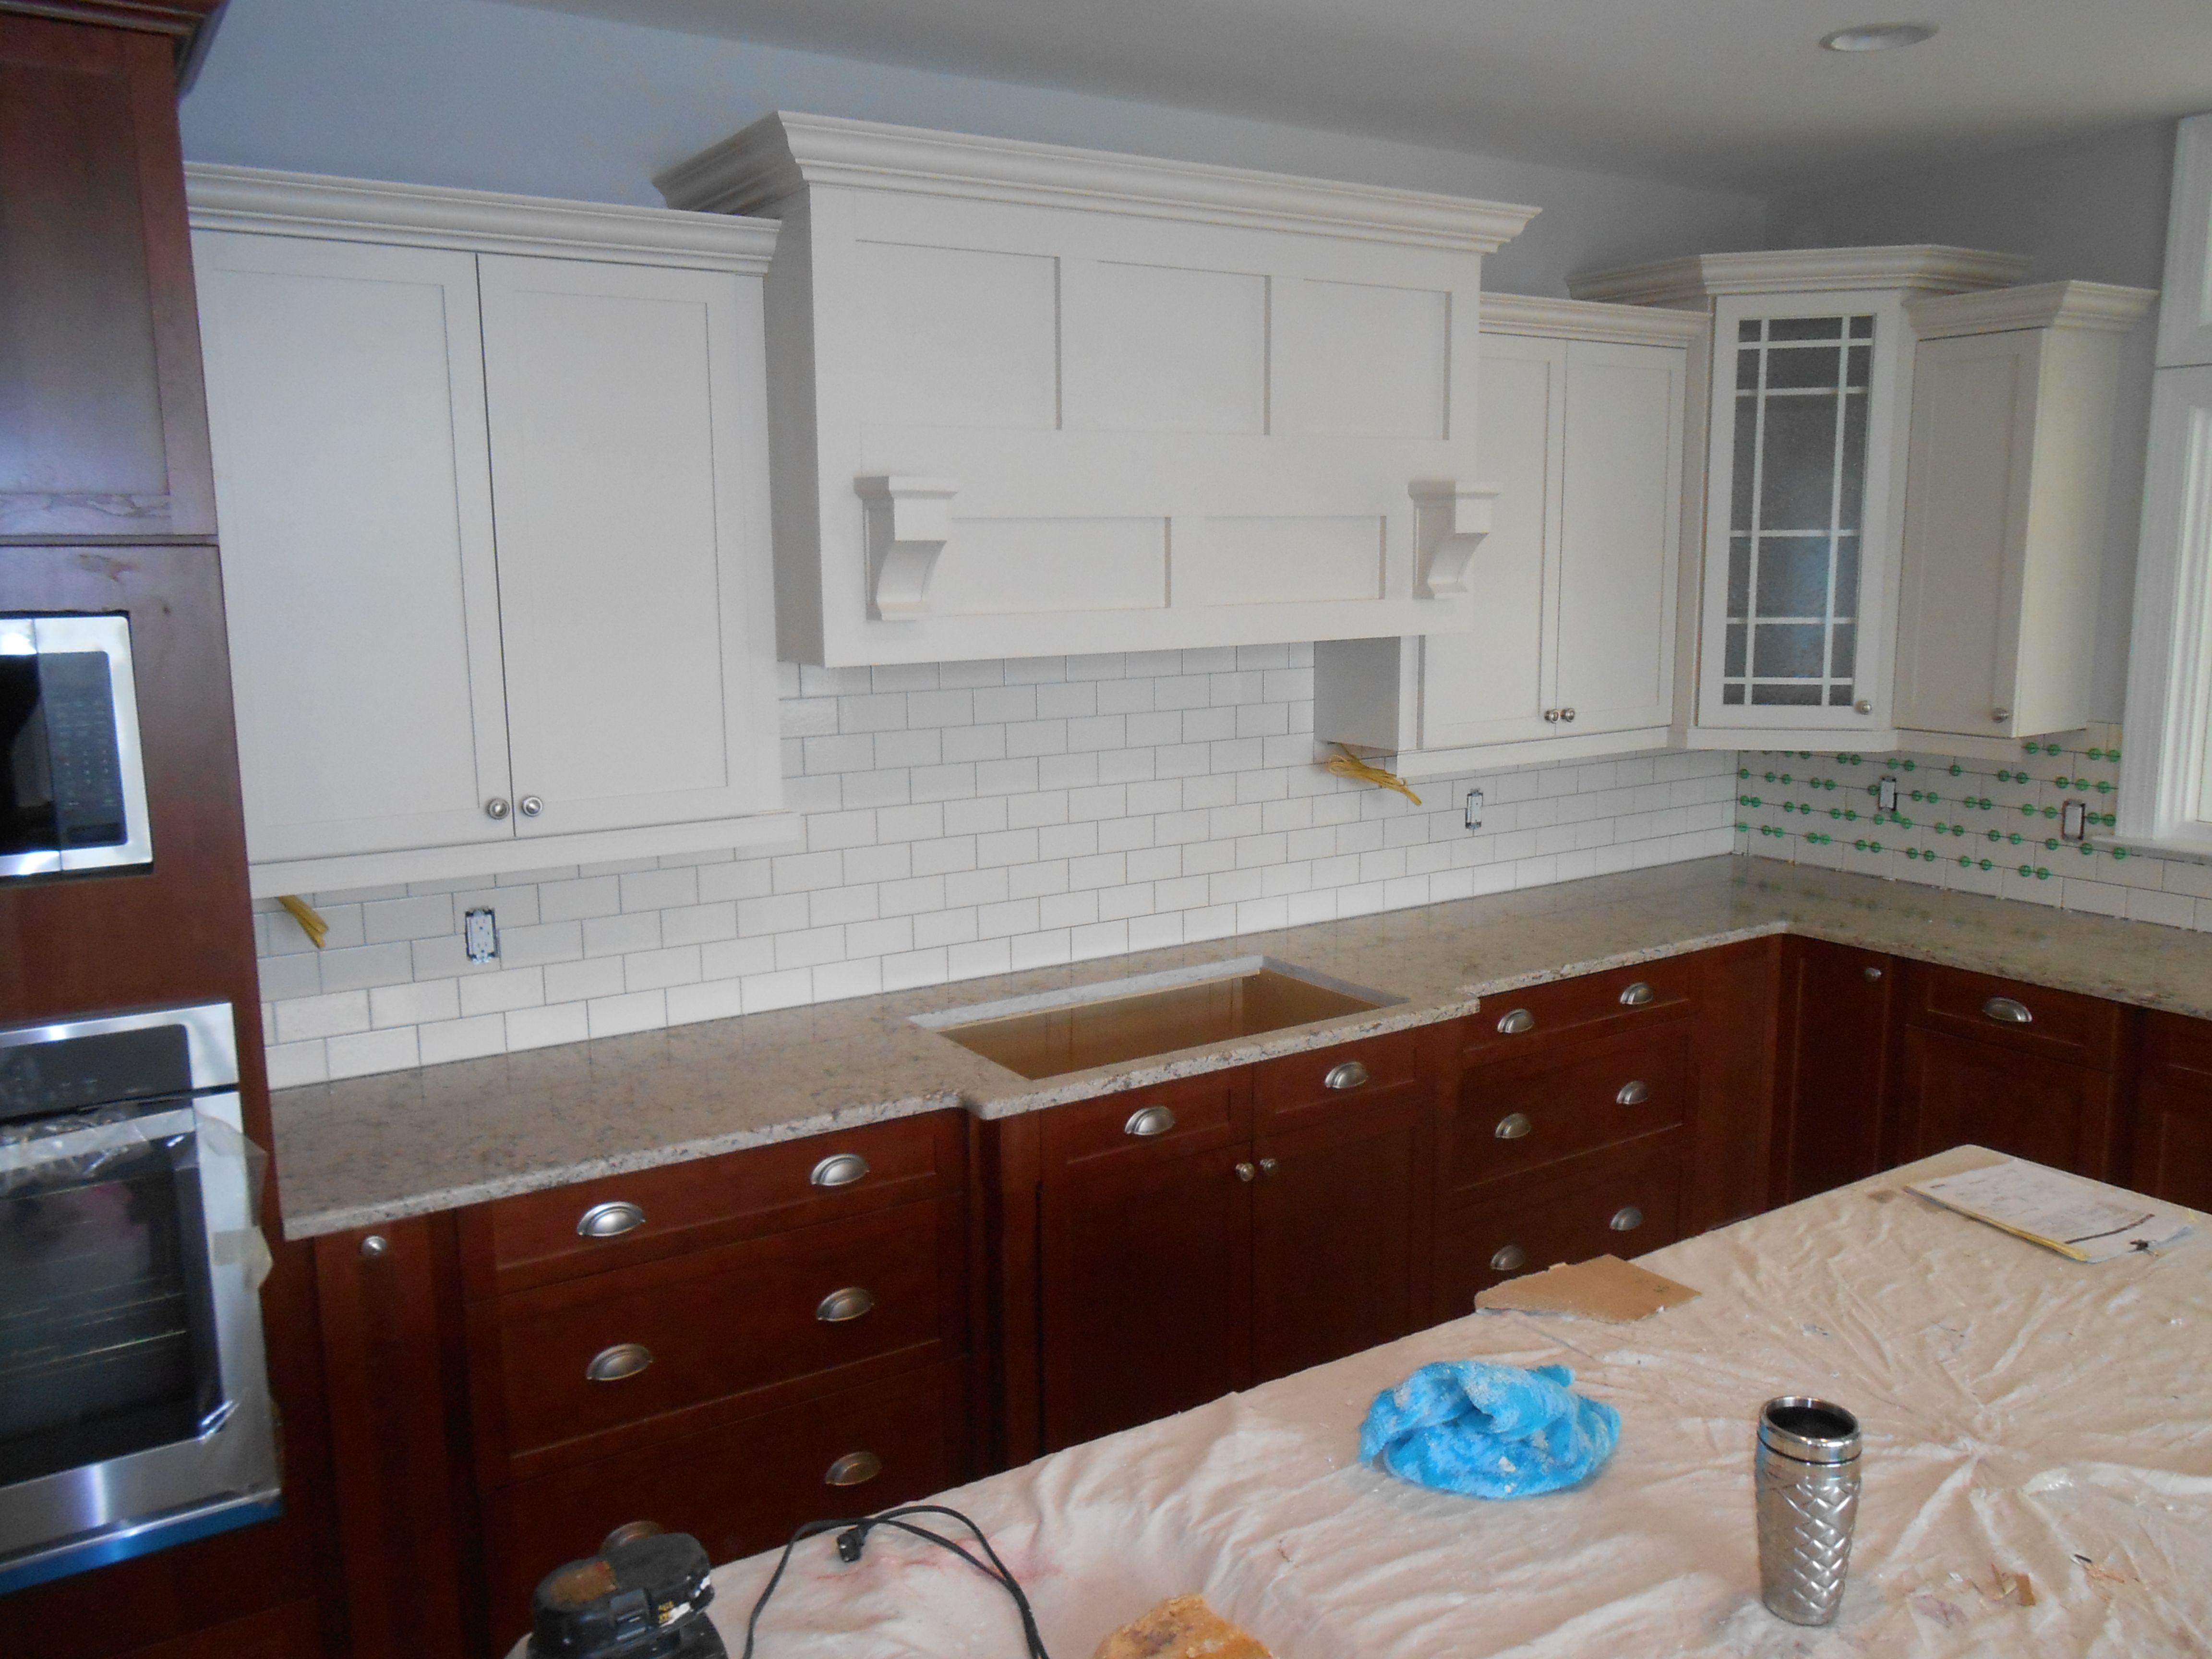 My kitchen in progress Cambria Windermere quartz 2 tone